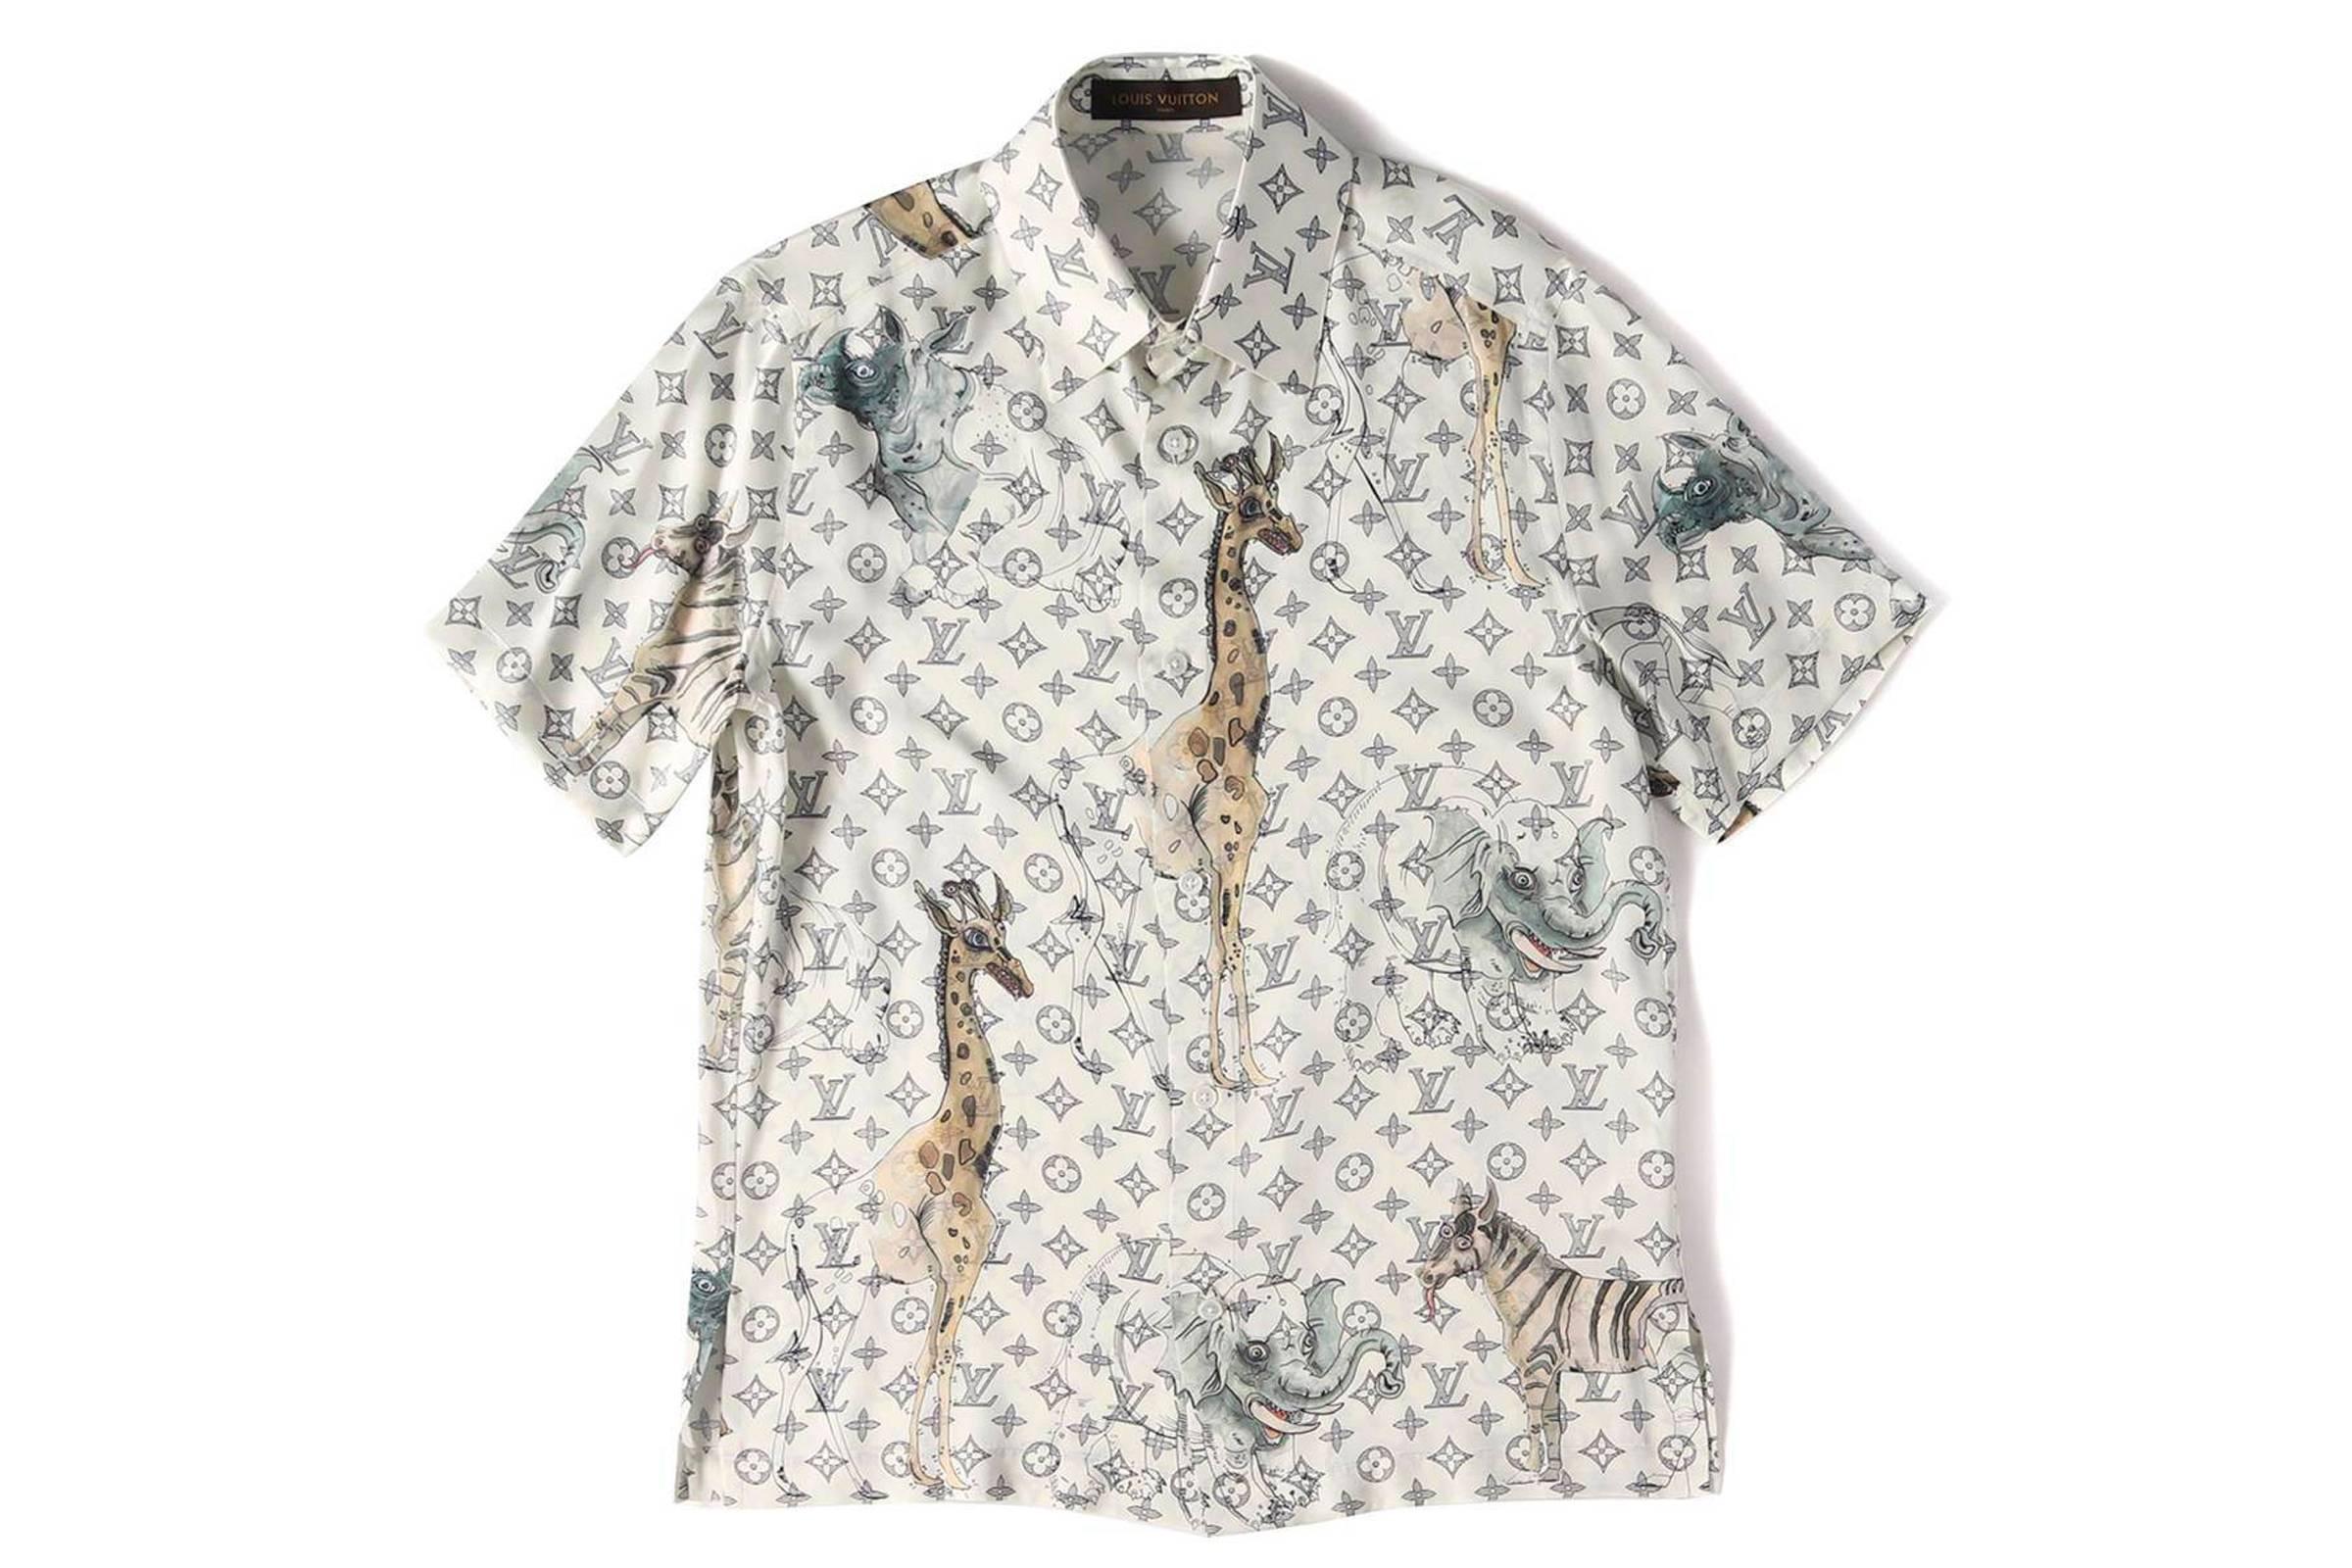 Louis Vuitton x Chapman Brothers Silk Giraffe Shirt